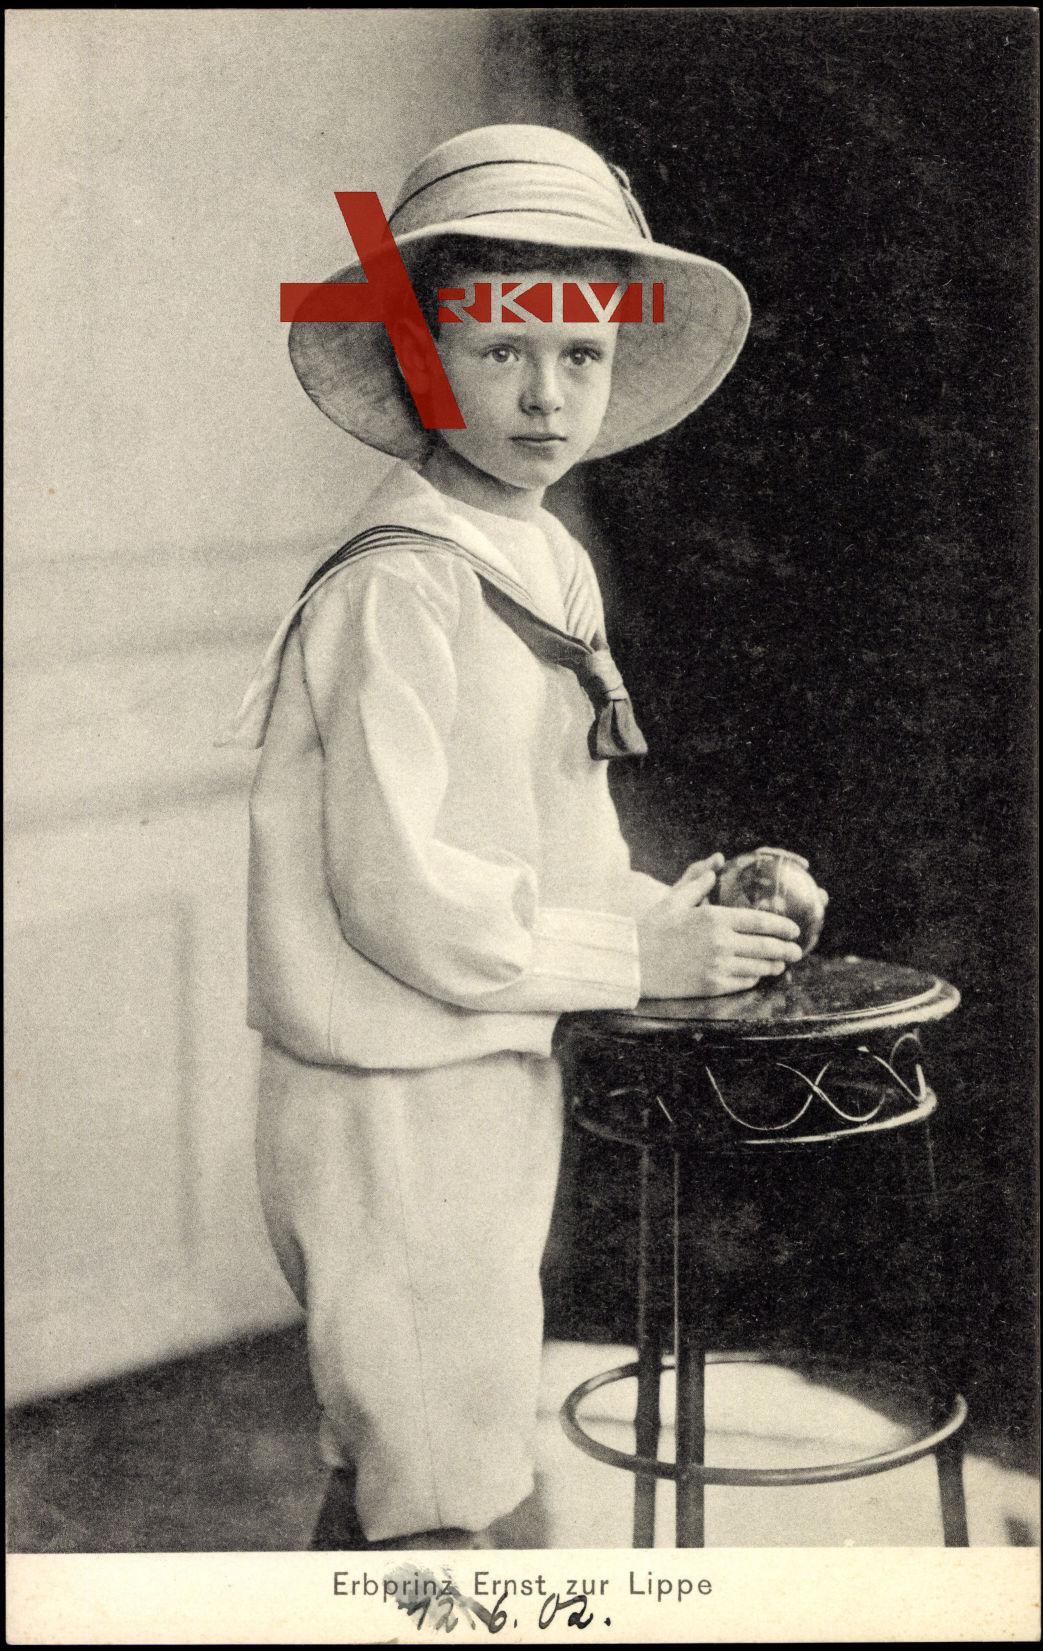 Erbprinz Ernst zur Lippe, Kind, Strohhut, Hocker